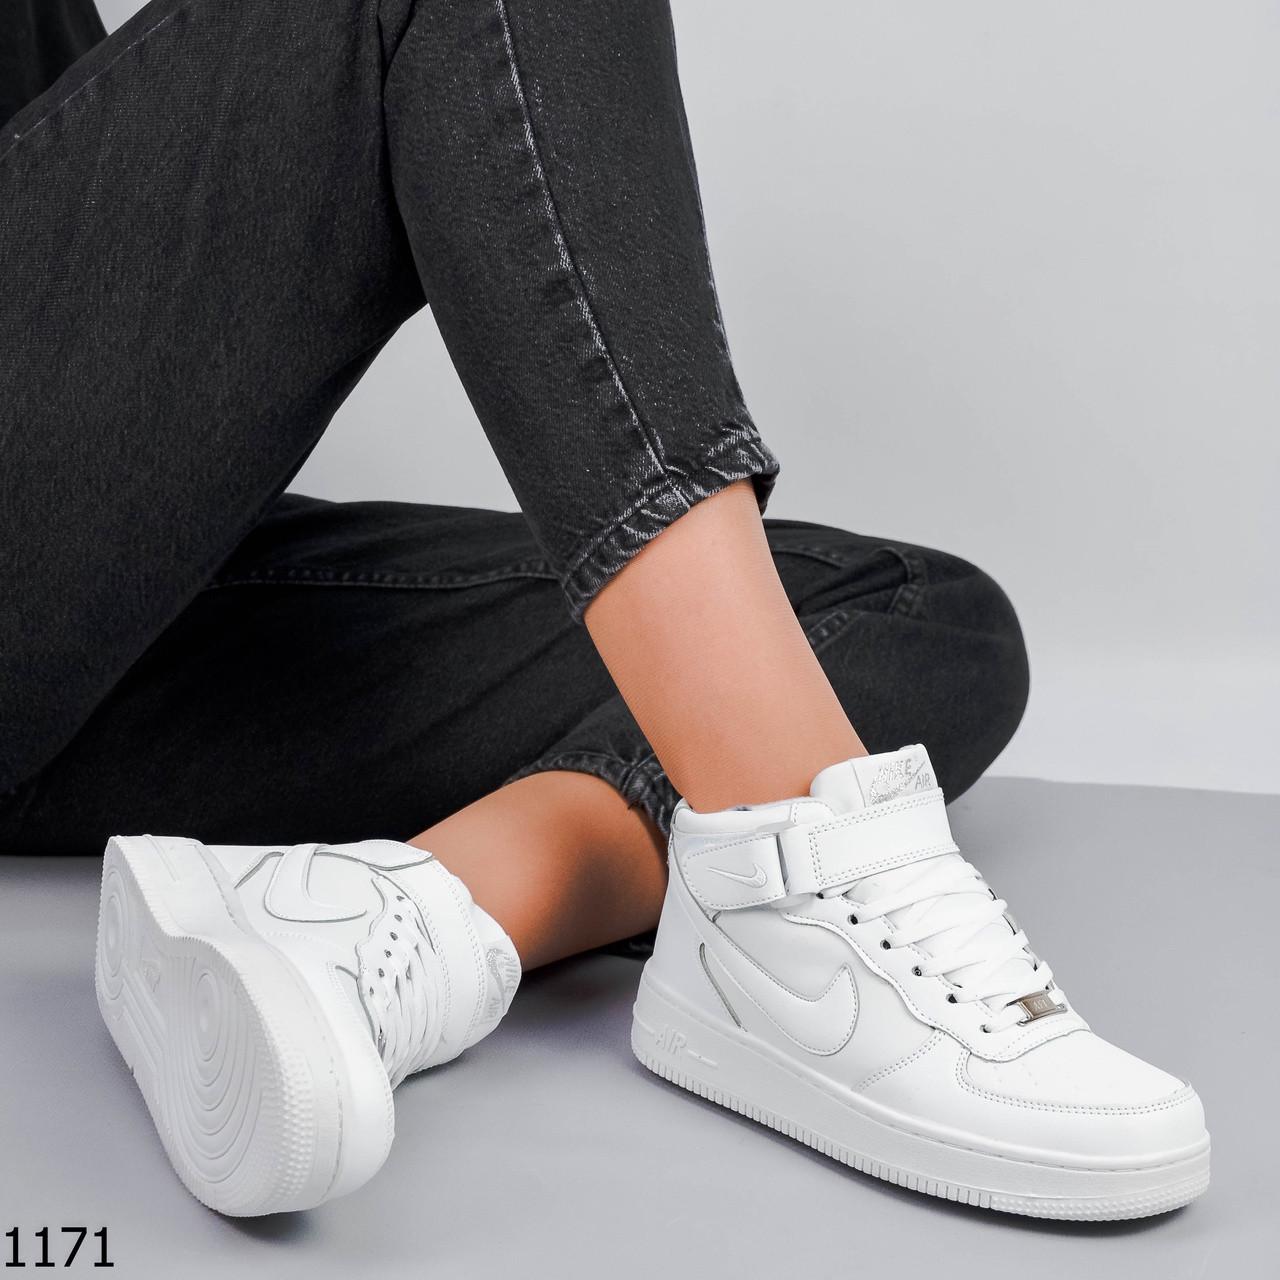 Жіночі кросівки Колір - Білий Матеріал - нат.шкіра